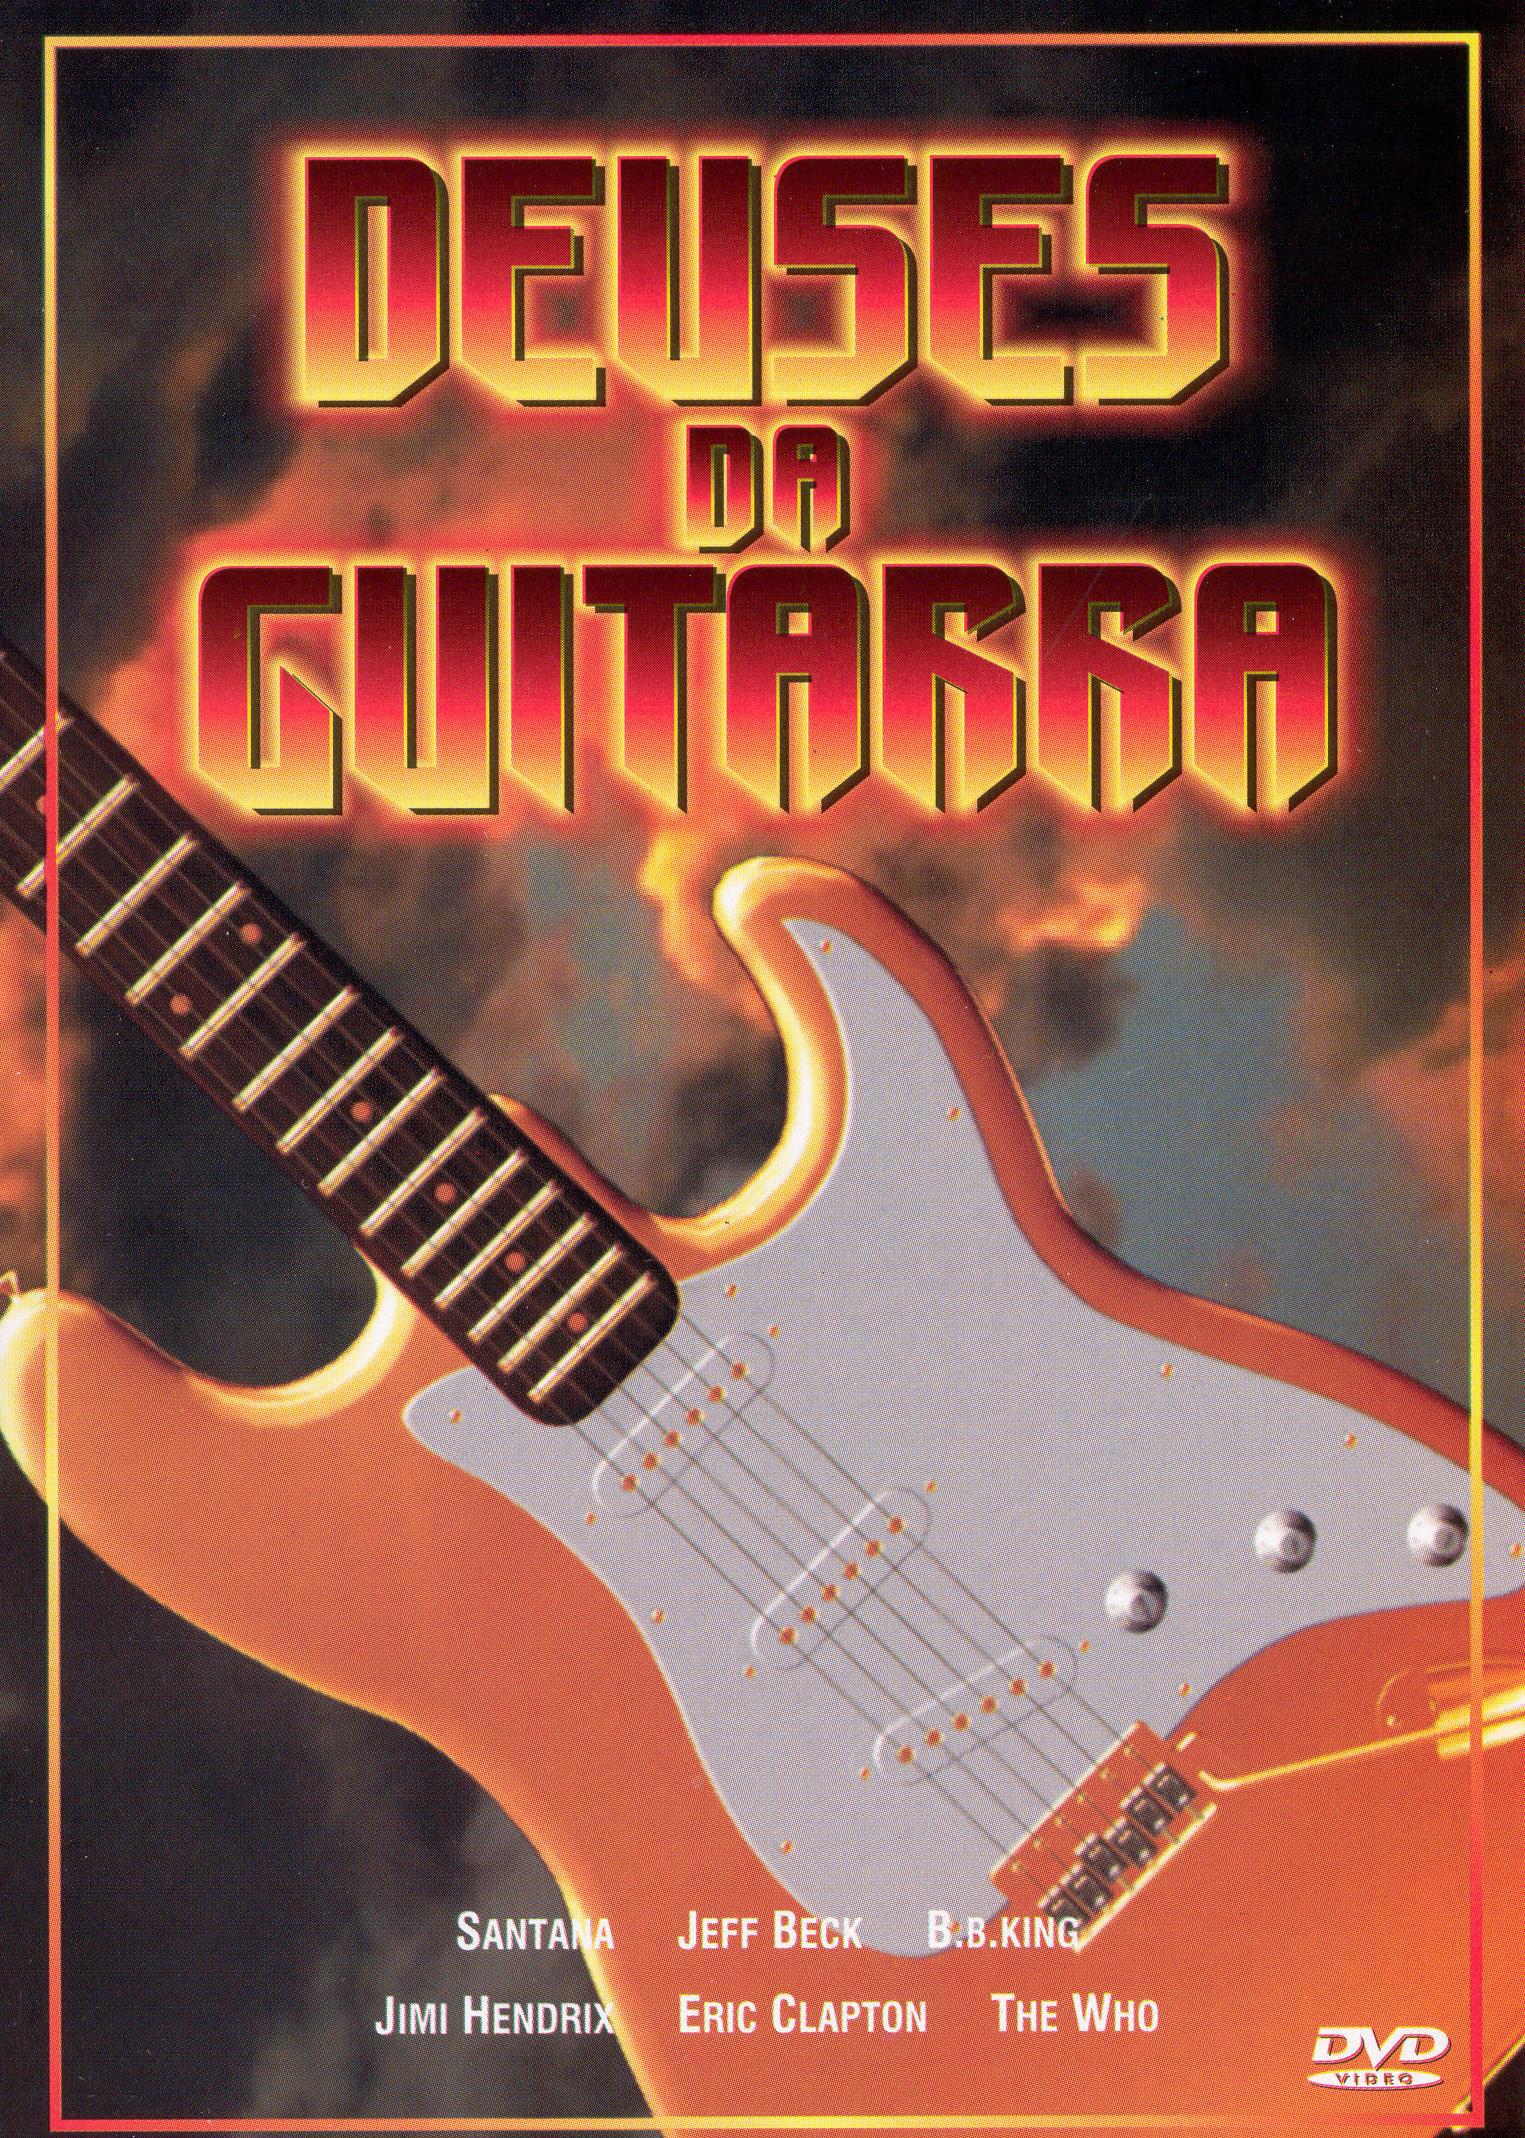 Deuses of Guitar